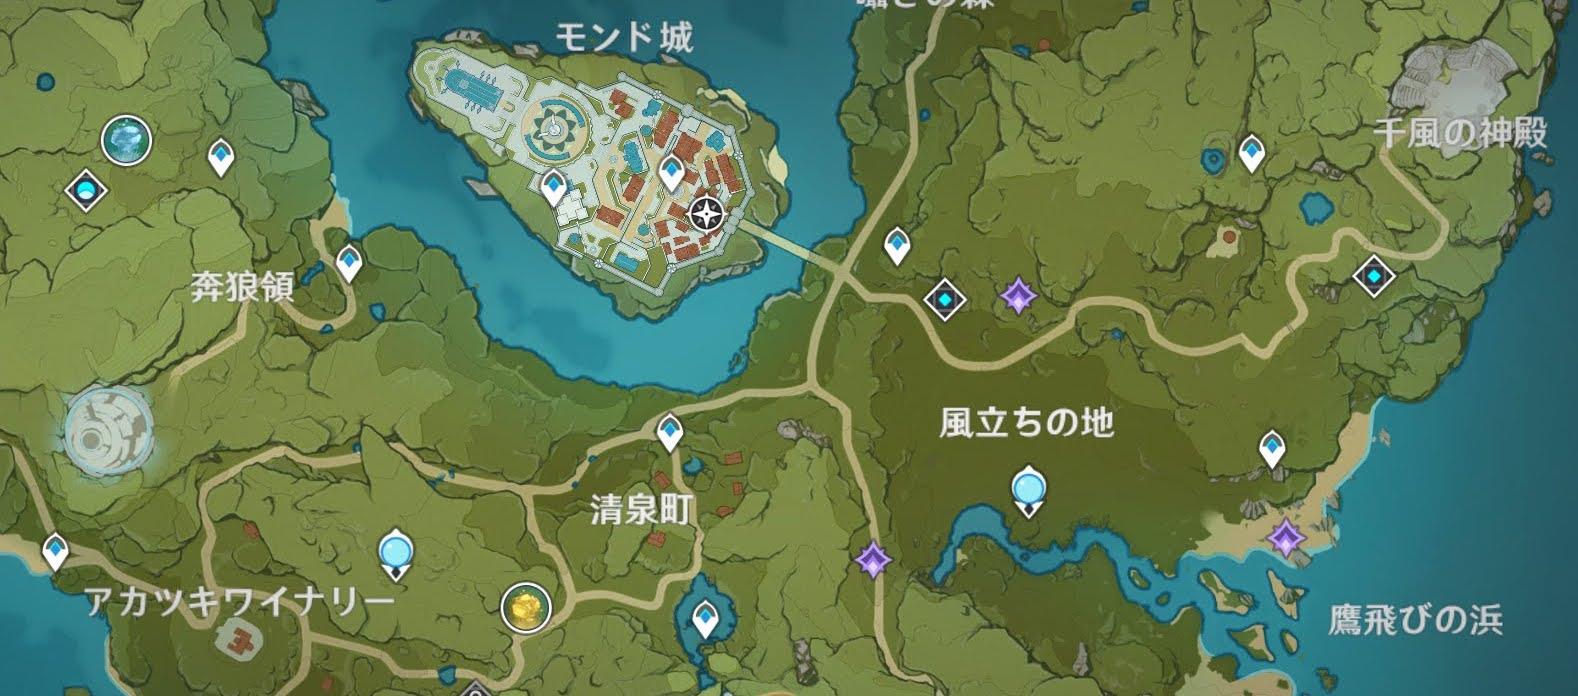 ファデュイの隠れ家までの地図